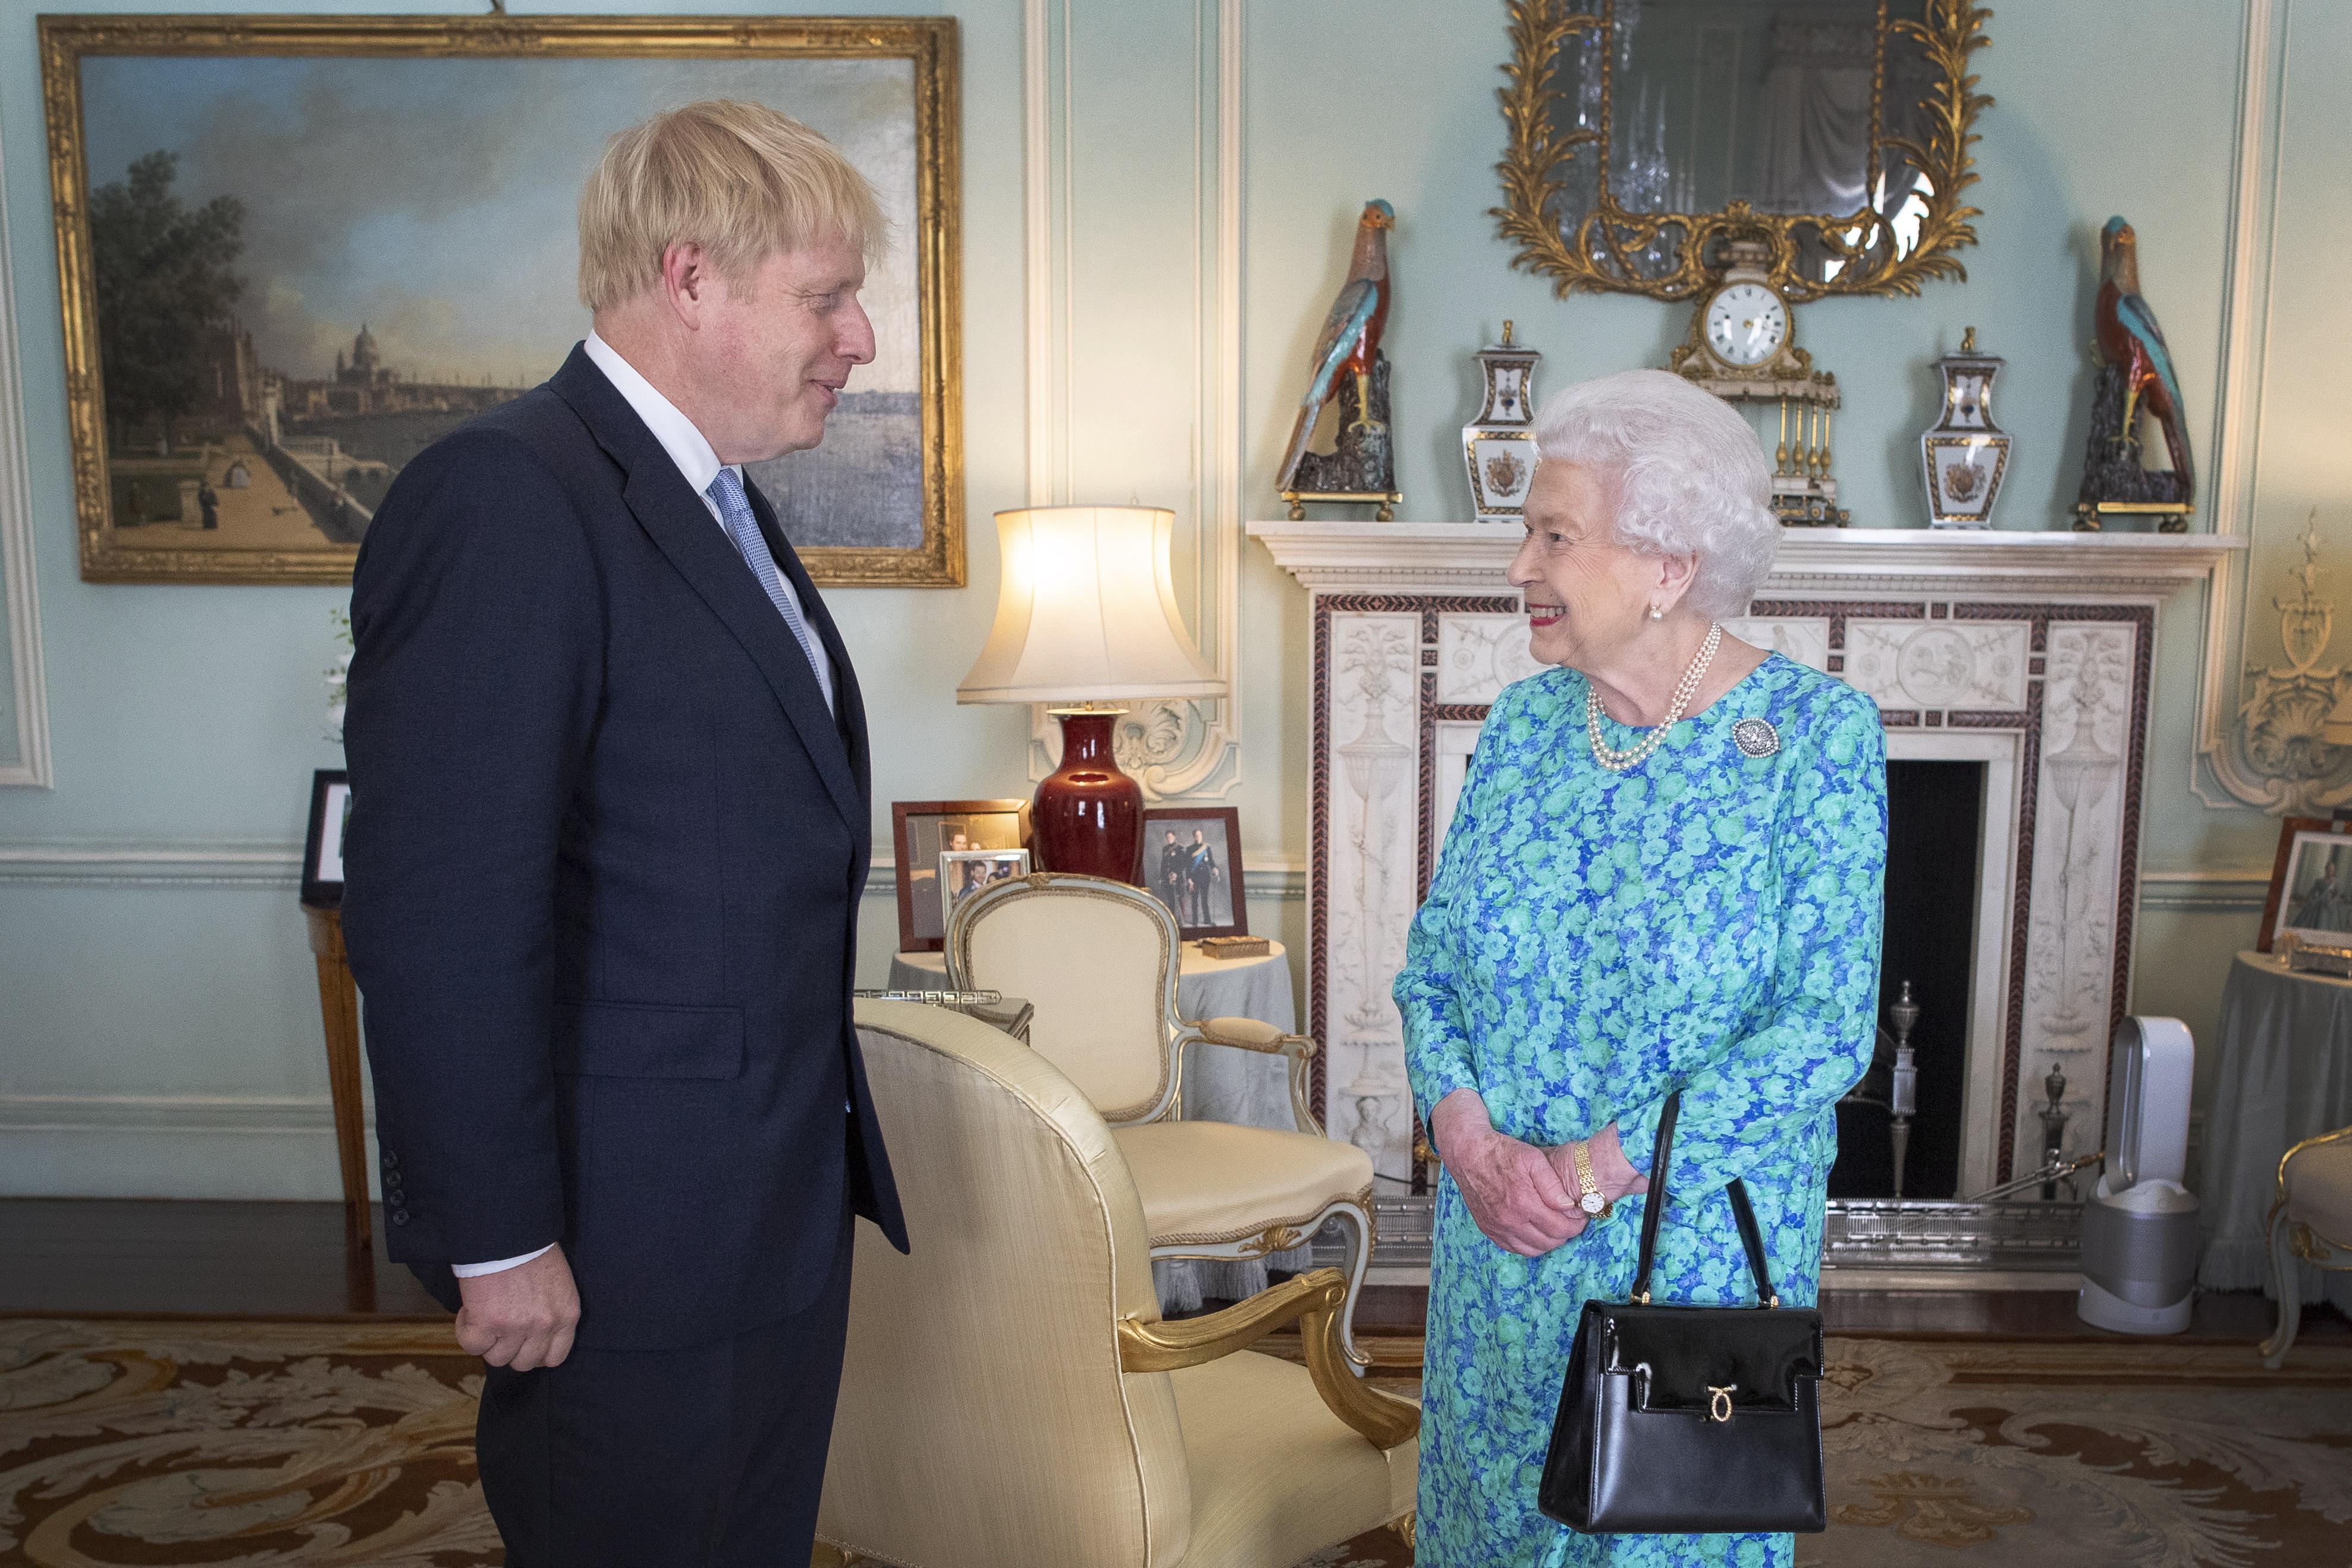 Това стана малко след пристигането му в Бъкингамския дворец за аудиенция при кралица Елизабет Втора. На нея той бе натоварен със задачата да сформира ново правителство. По-късно през деня последваха оставки и нови назначения в новото британско правителство.